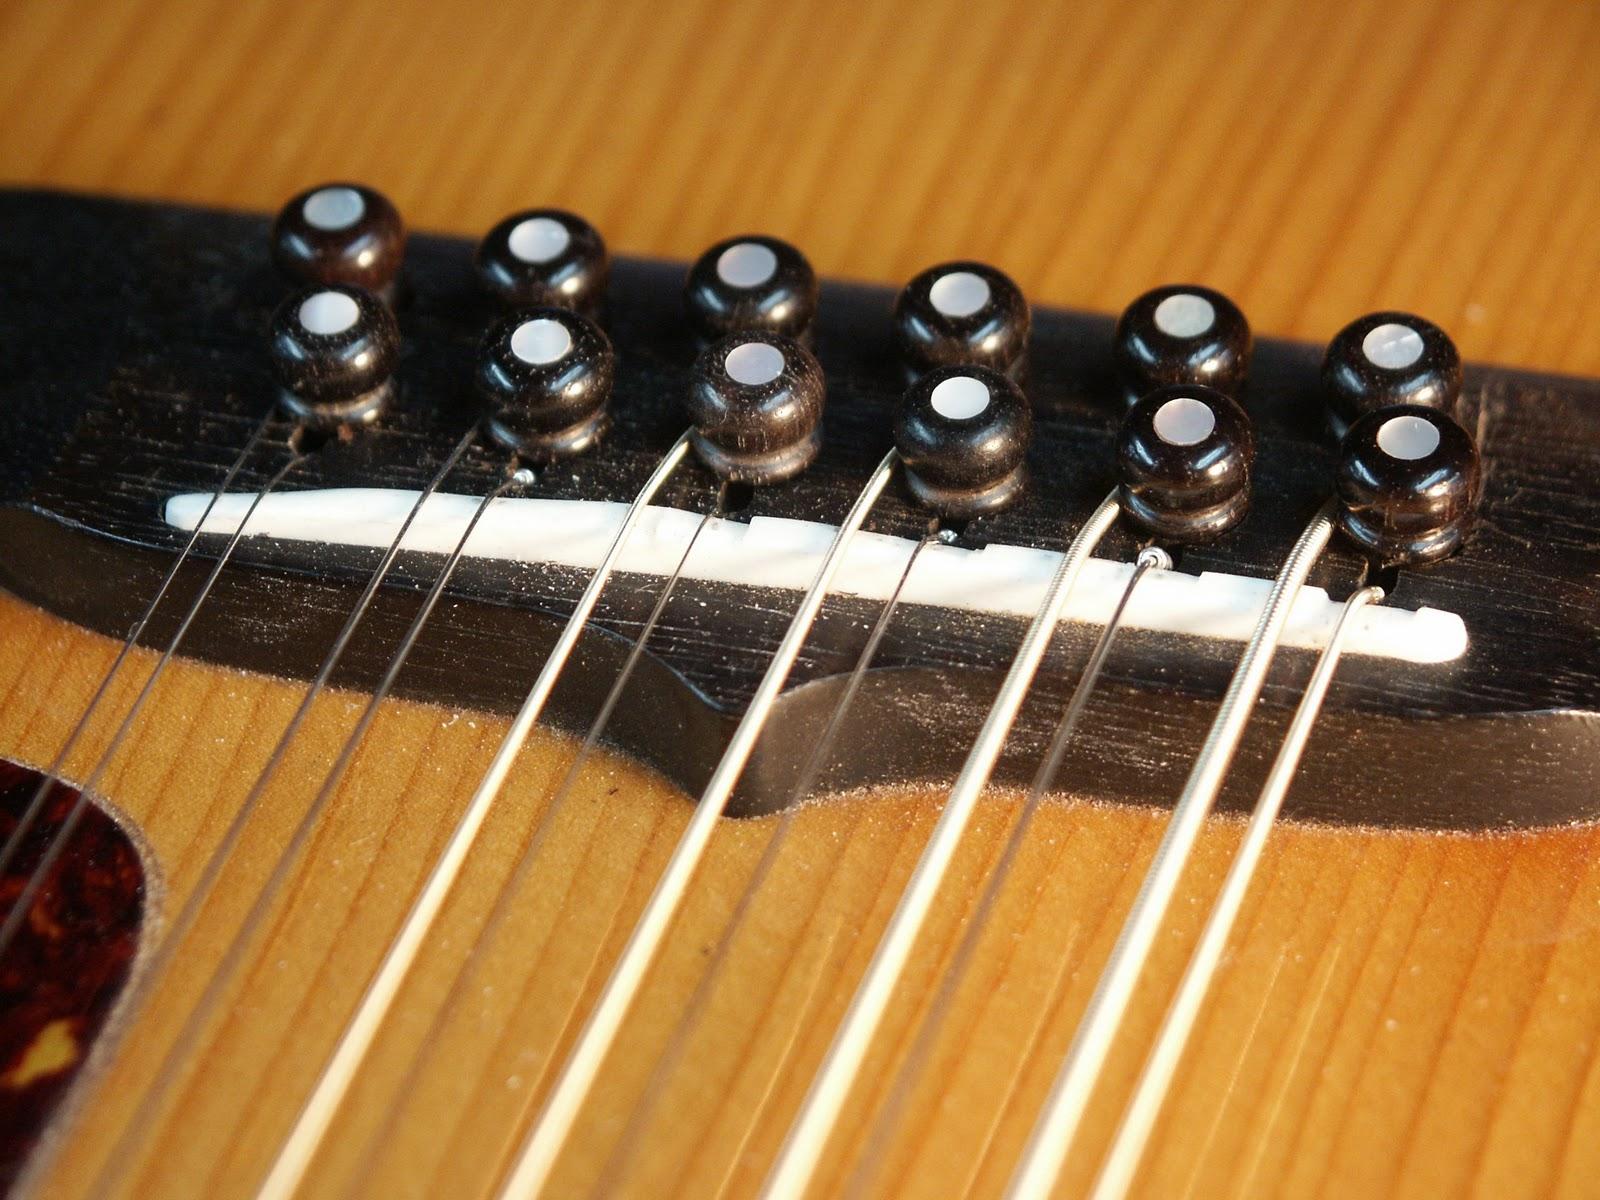 mcconville guitars guitar repair and design courses guitar repair school guitar won 39 t stay